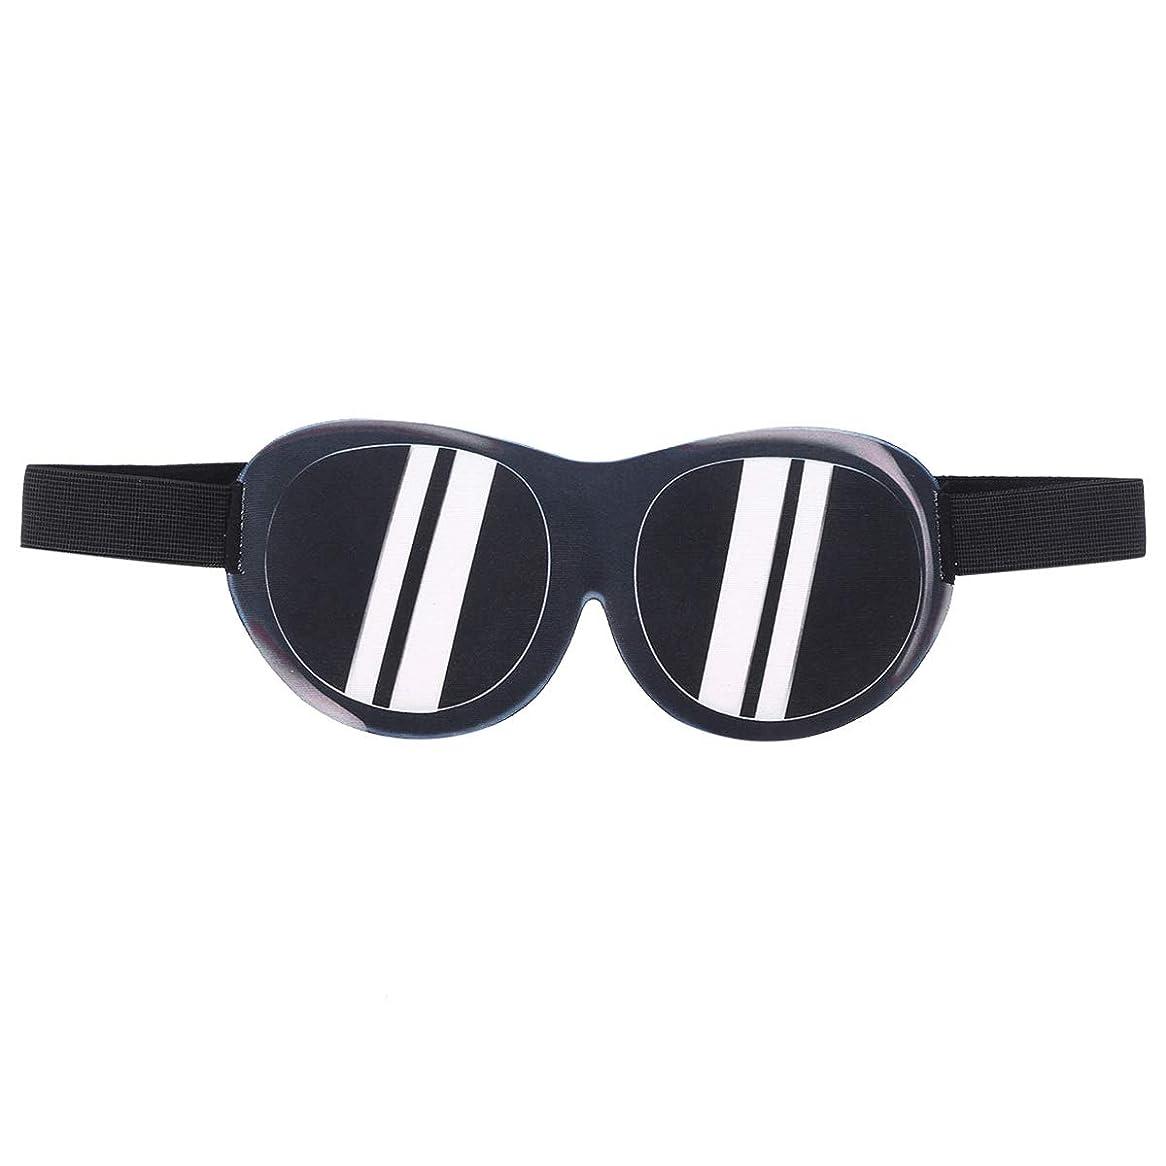 学士あさり食堂Healifty 睡眠目隠し3D面白いアイシェード通気性睡眠マスク旅行睡眠ヘルパーアイシェード用男性と女性